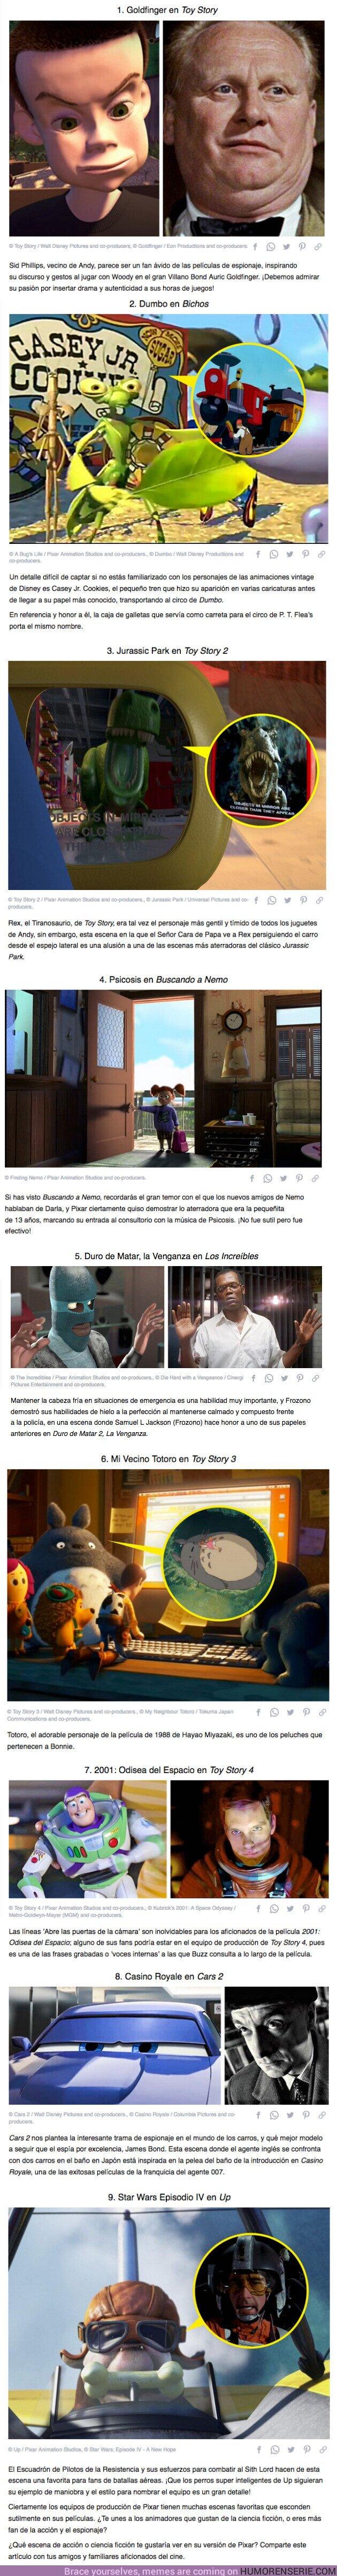 66499 - GALERÍA: 9 Escenas en películas de Pixar que hacen referencia a escenas épicas de clásicos del cine